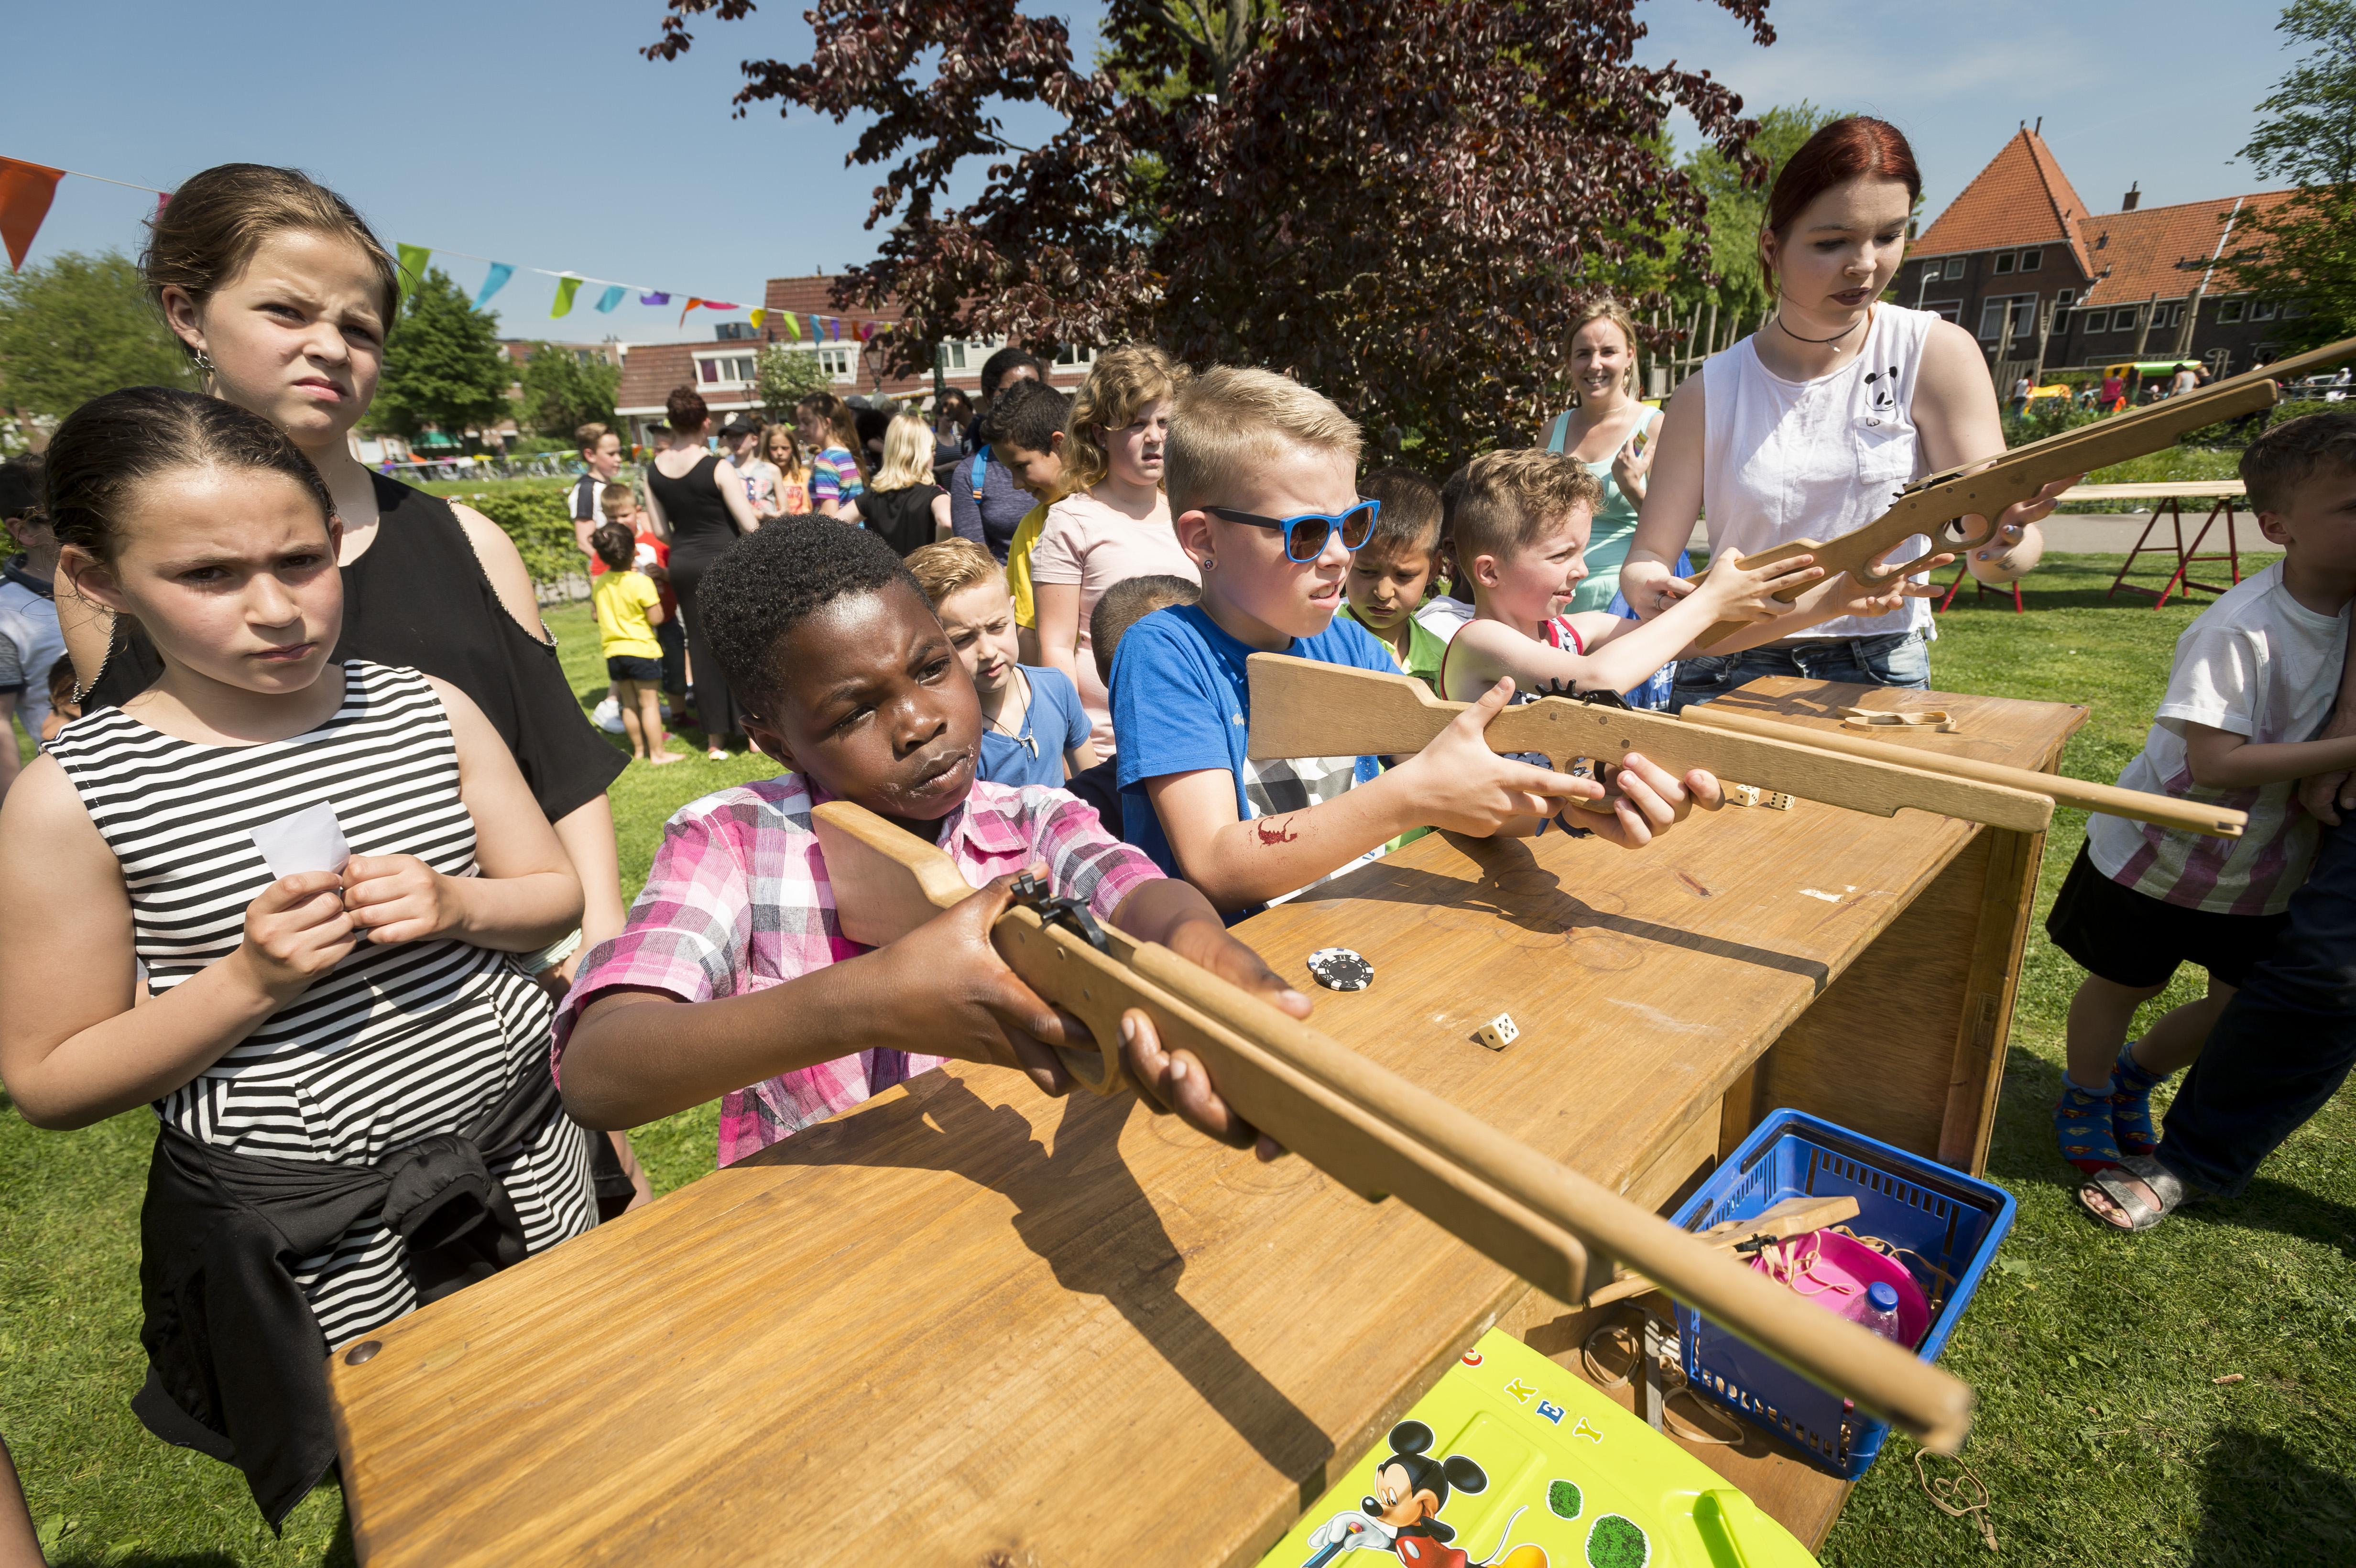 Bijna 800 kinderen spelen in Leidse Kooipark